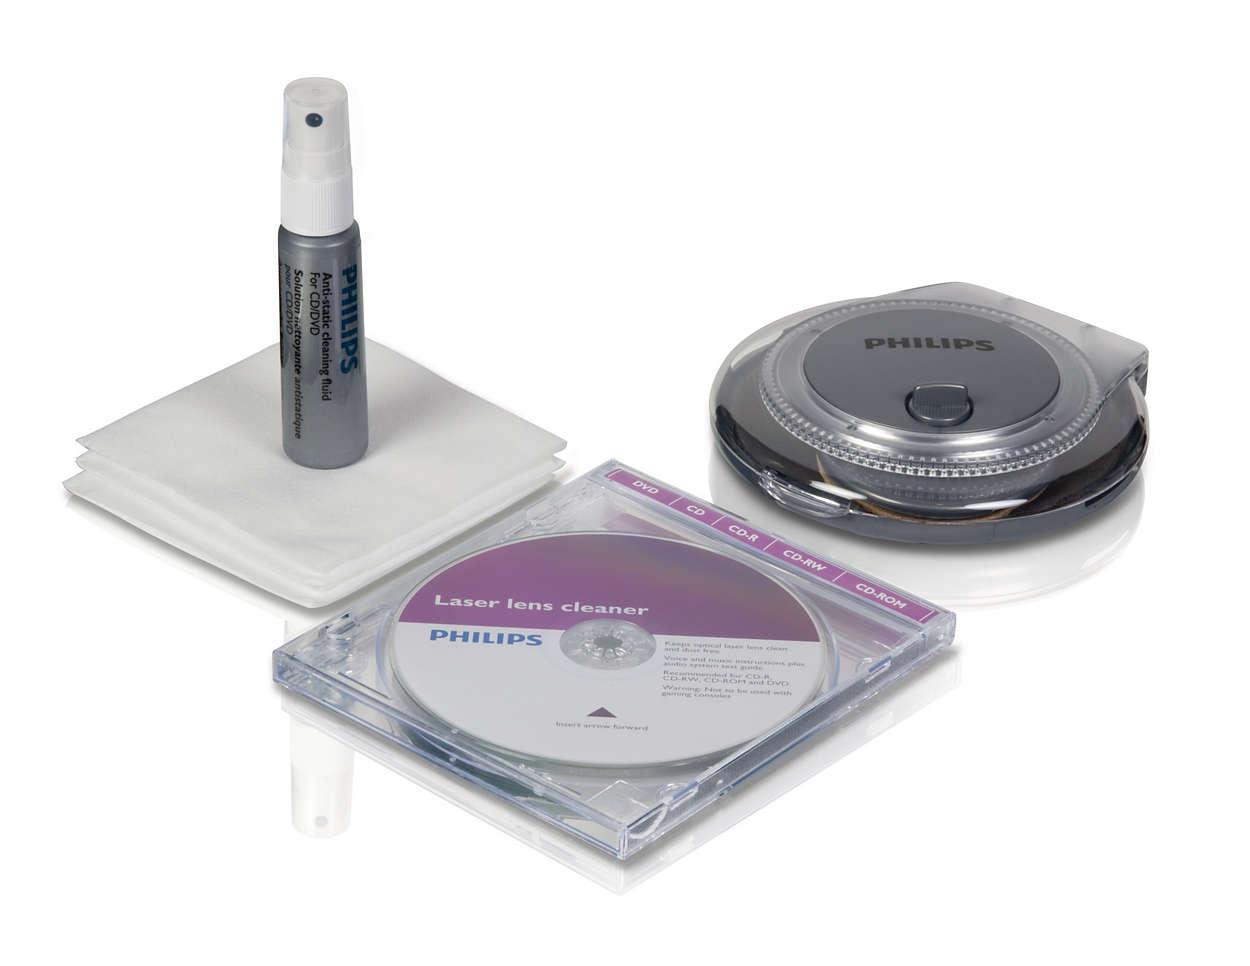 Kit de limpeza para discos e aparelhos de CD/DVD